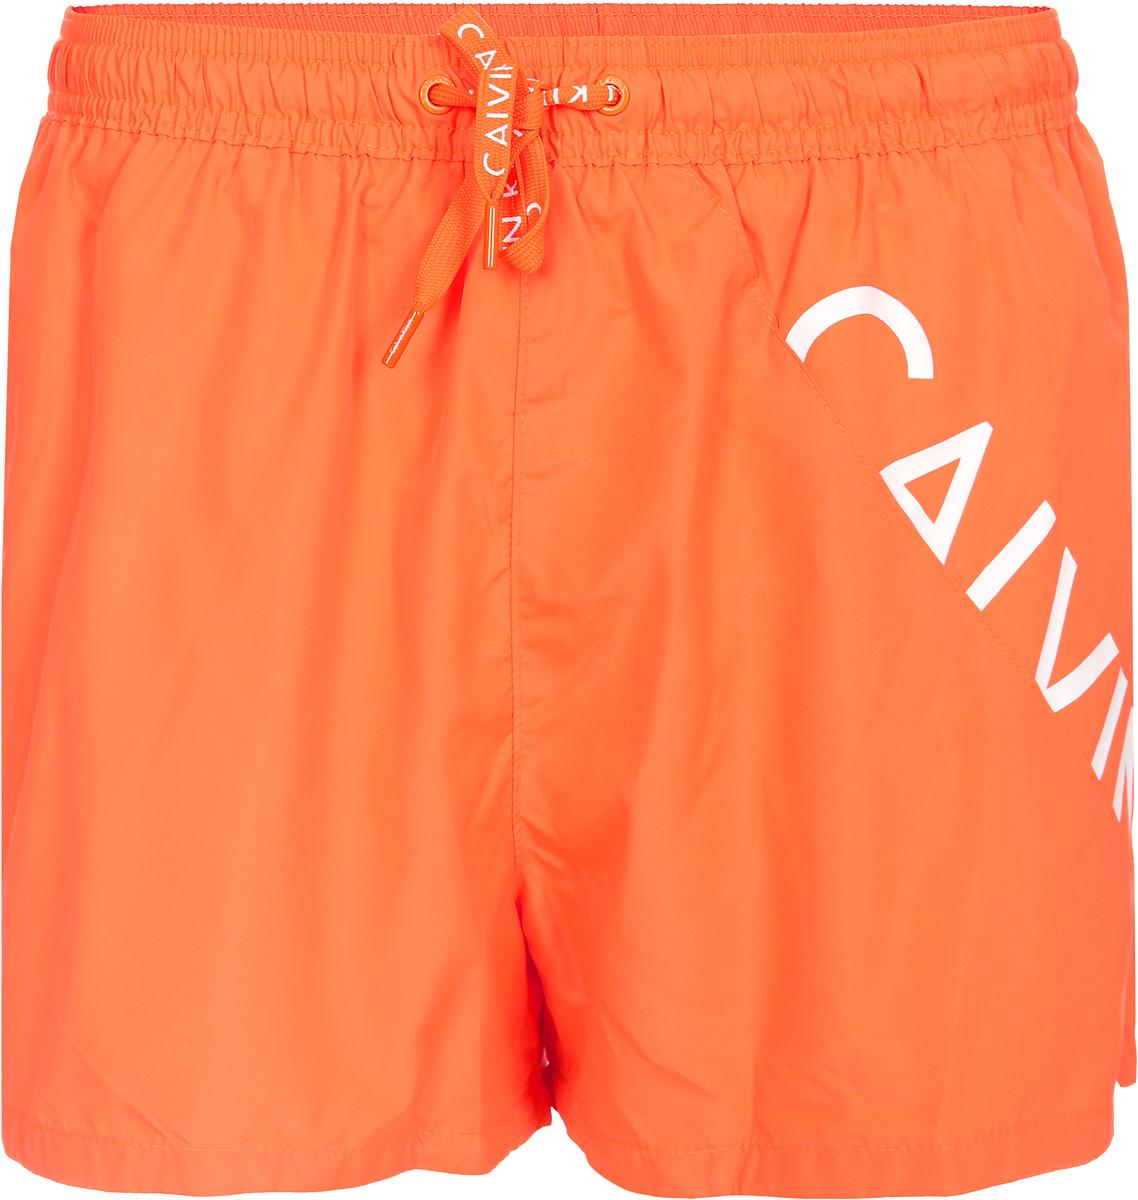 Шорты для плавания мужские Calvin Klein Underwear, цвет: оранжевый. KM0KM00161_807. Размер XL (54)KM0KM00161_807Мужские шорты для плавания Calvin Klein Underwear выполнены из быстросохнущего материала. Модель имеет широкую эластичную резинку на поясе. Объем талии регулируется при помощи шнурка. Шорты дополнены одним накладным карманом сзади.